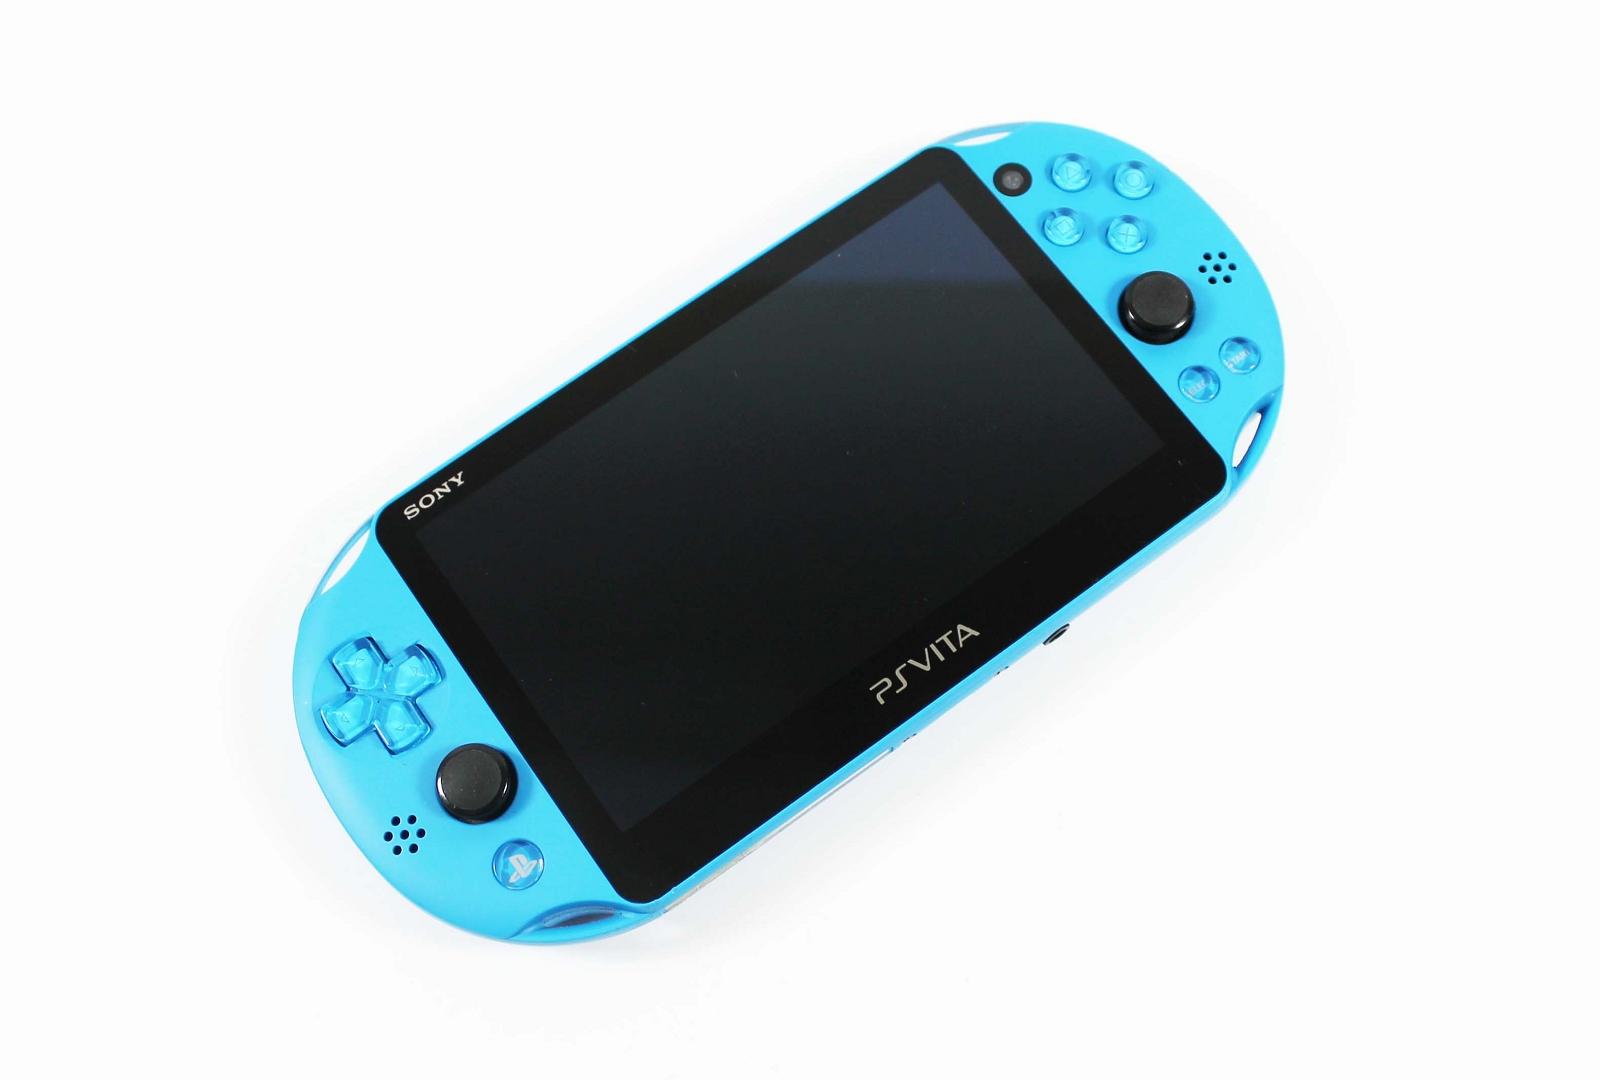 Playstation Vita Slim Aqua Blue PCH-2000 System - Discounted